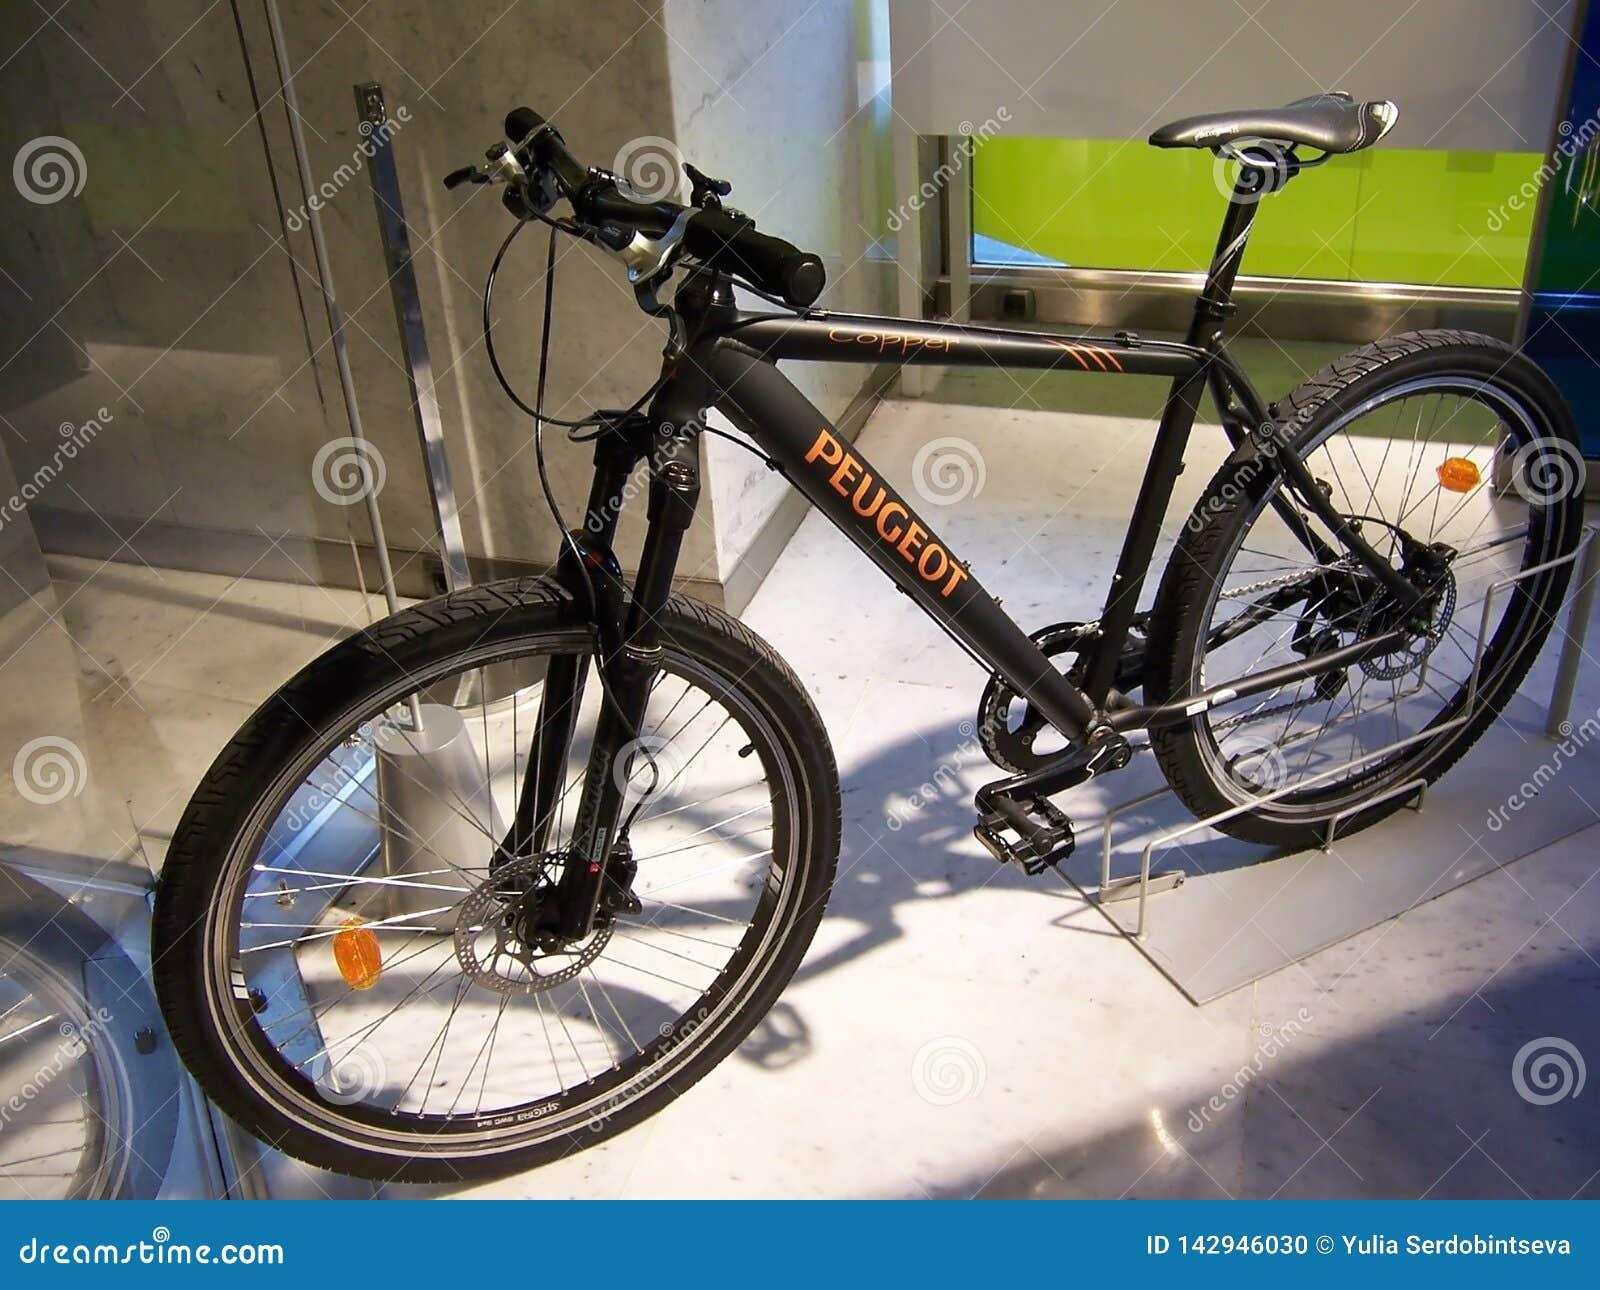 París, Francia 7 de agosto de 2009: bici del objeto expuesto en la exposición en el salón Peugeot